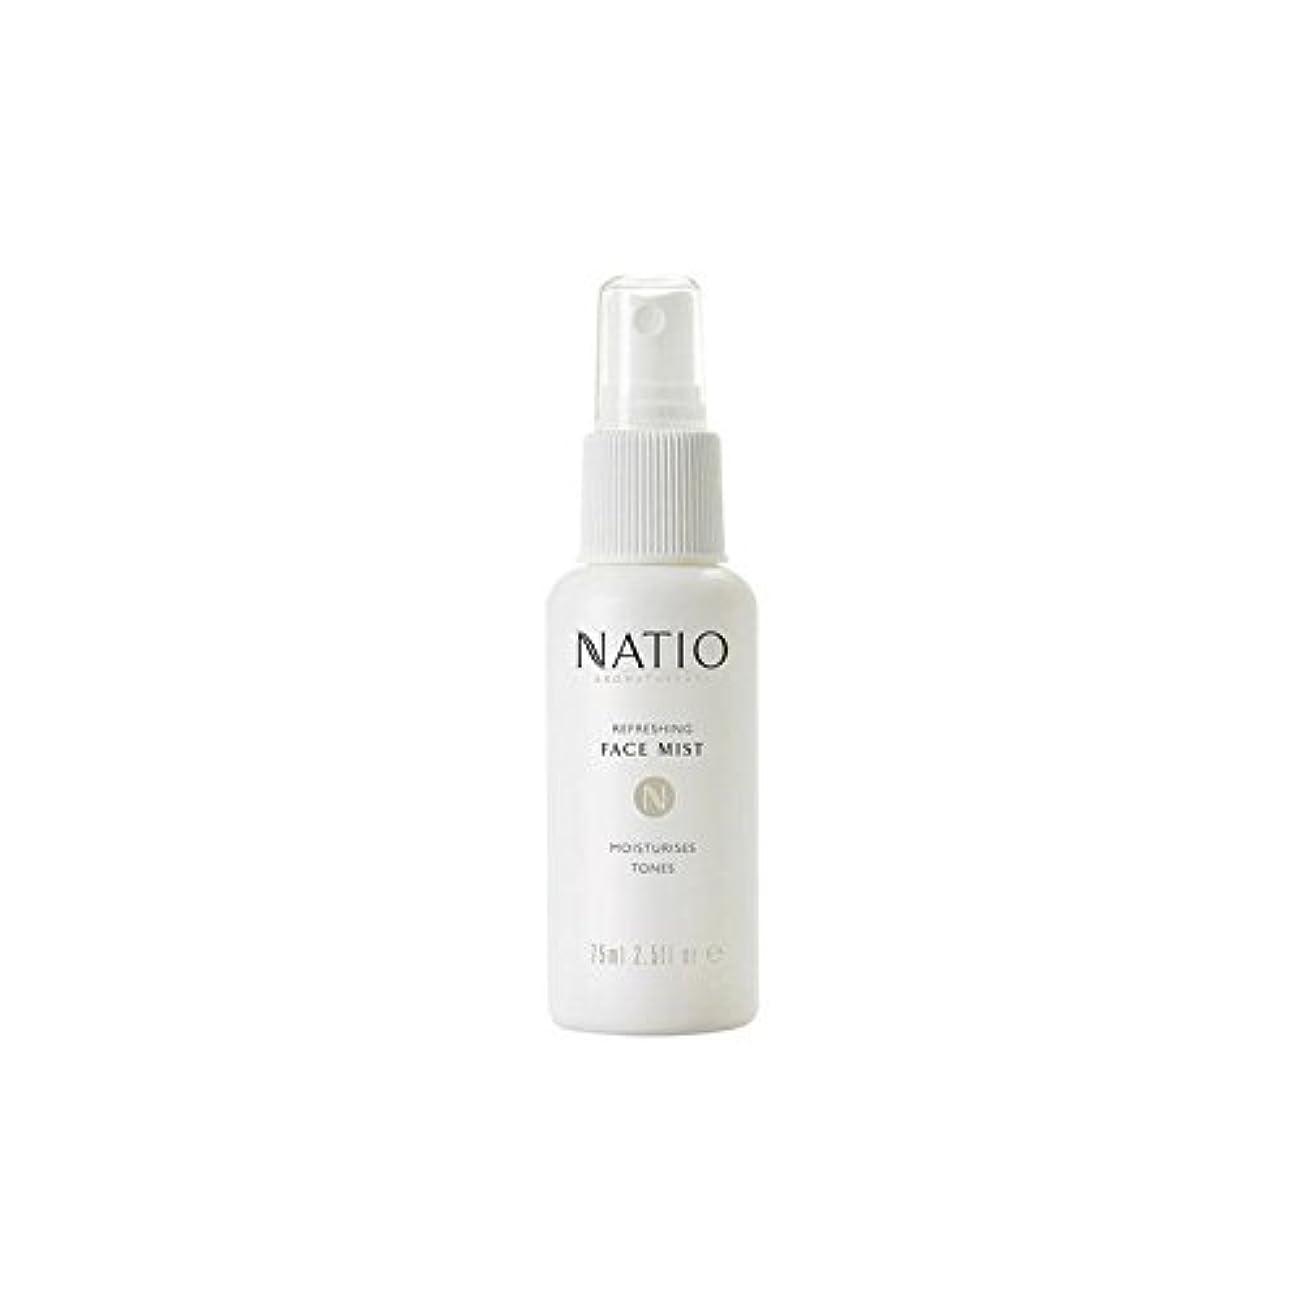 振るネクタイベッツィトロットウッドNatio Refreshing Face Mist (75ml) (Pack of 6) - さわやかな顔ミスト(75ミリリットル) x6 [並行輸入品]